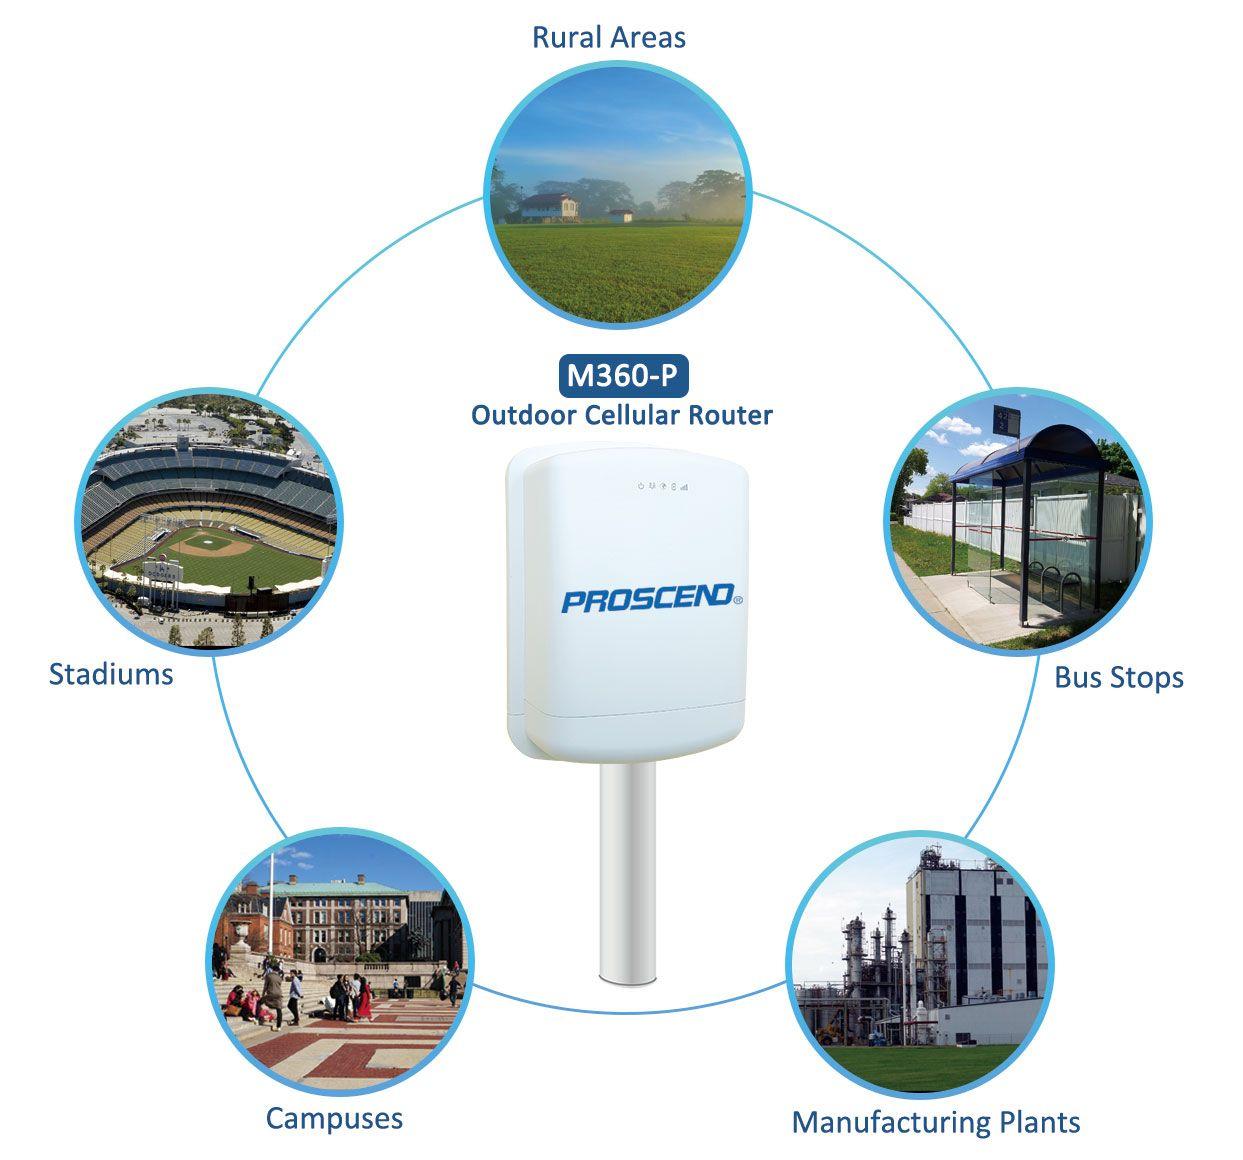 Ang Proscend M360-P Panlabas na Cellular Router ay nagbibigay-daan sa Fixed Wireless na koneksyon sa magkakaibang mga patayong merkado.